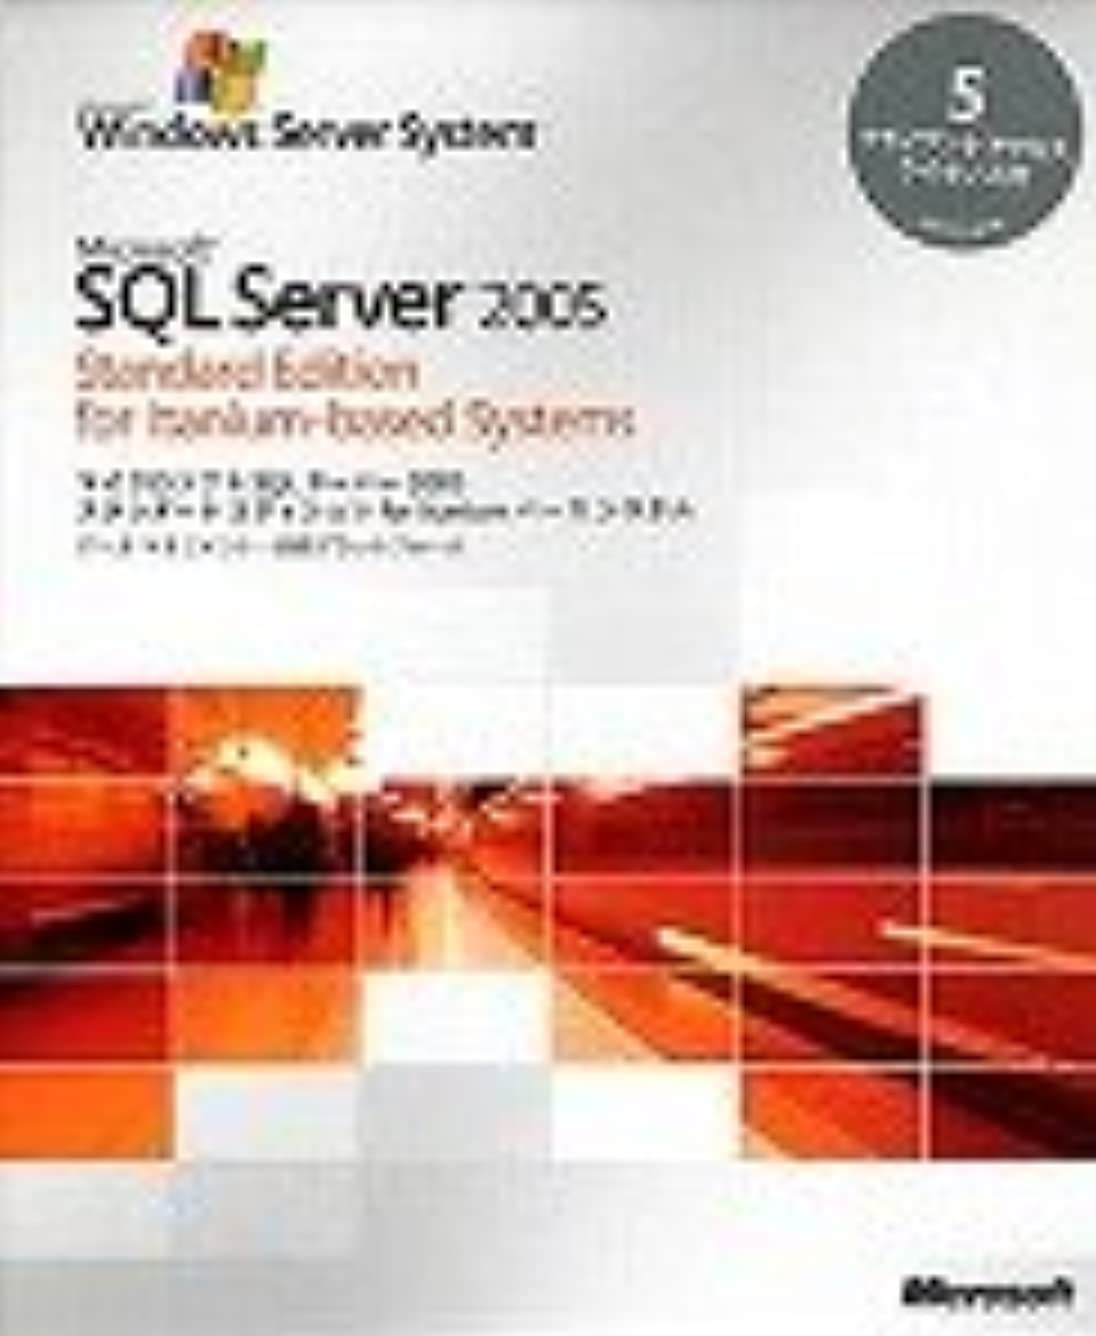 エリートスチール出口Microsoft SQL Server 2005 Standard Edition for Itanium-Based Systems 日本語版 5CAL付き